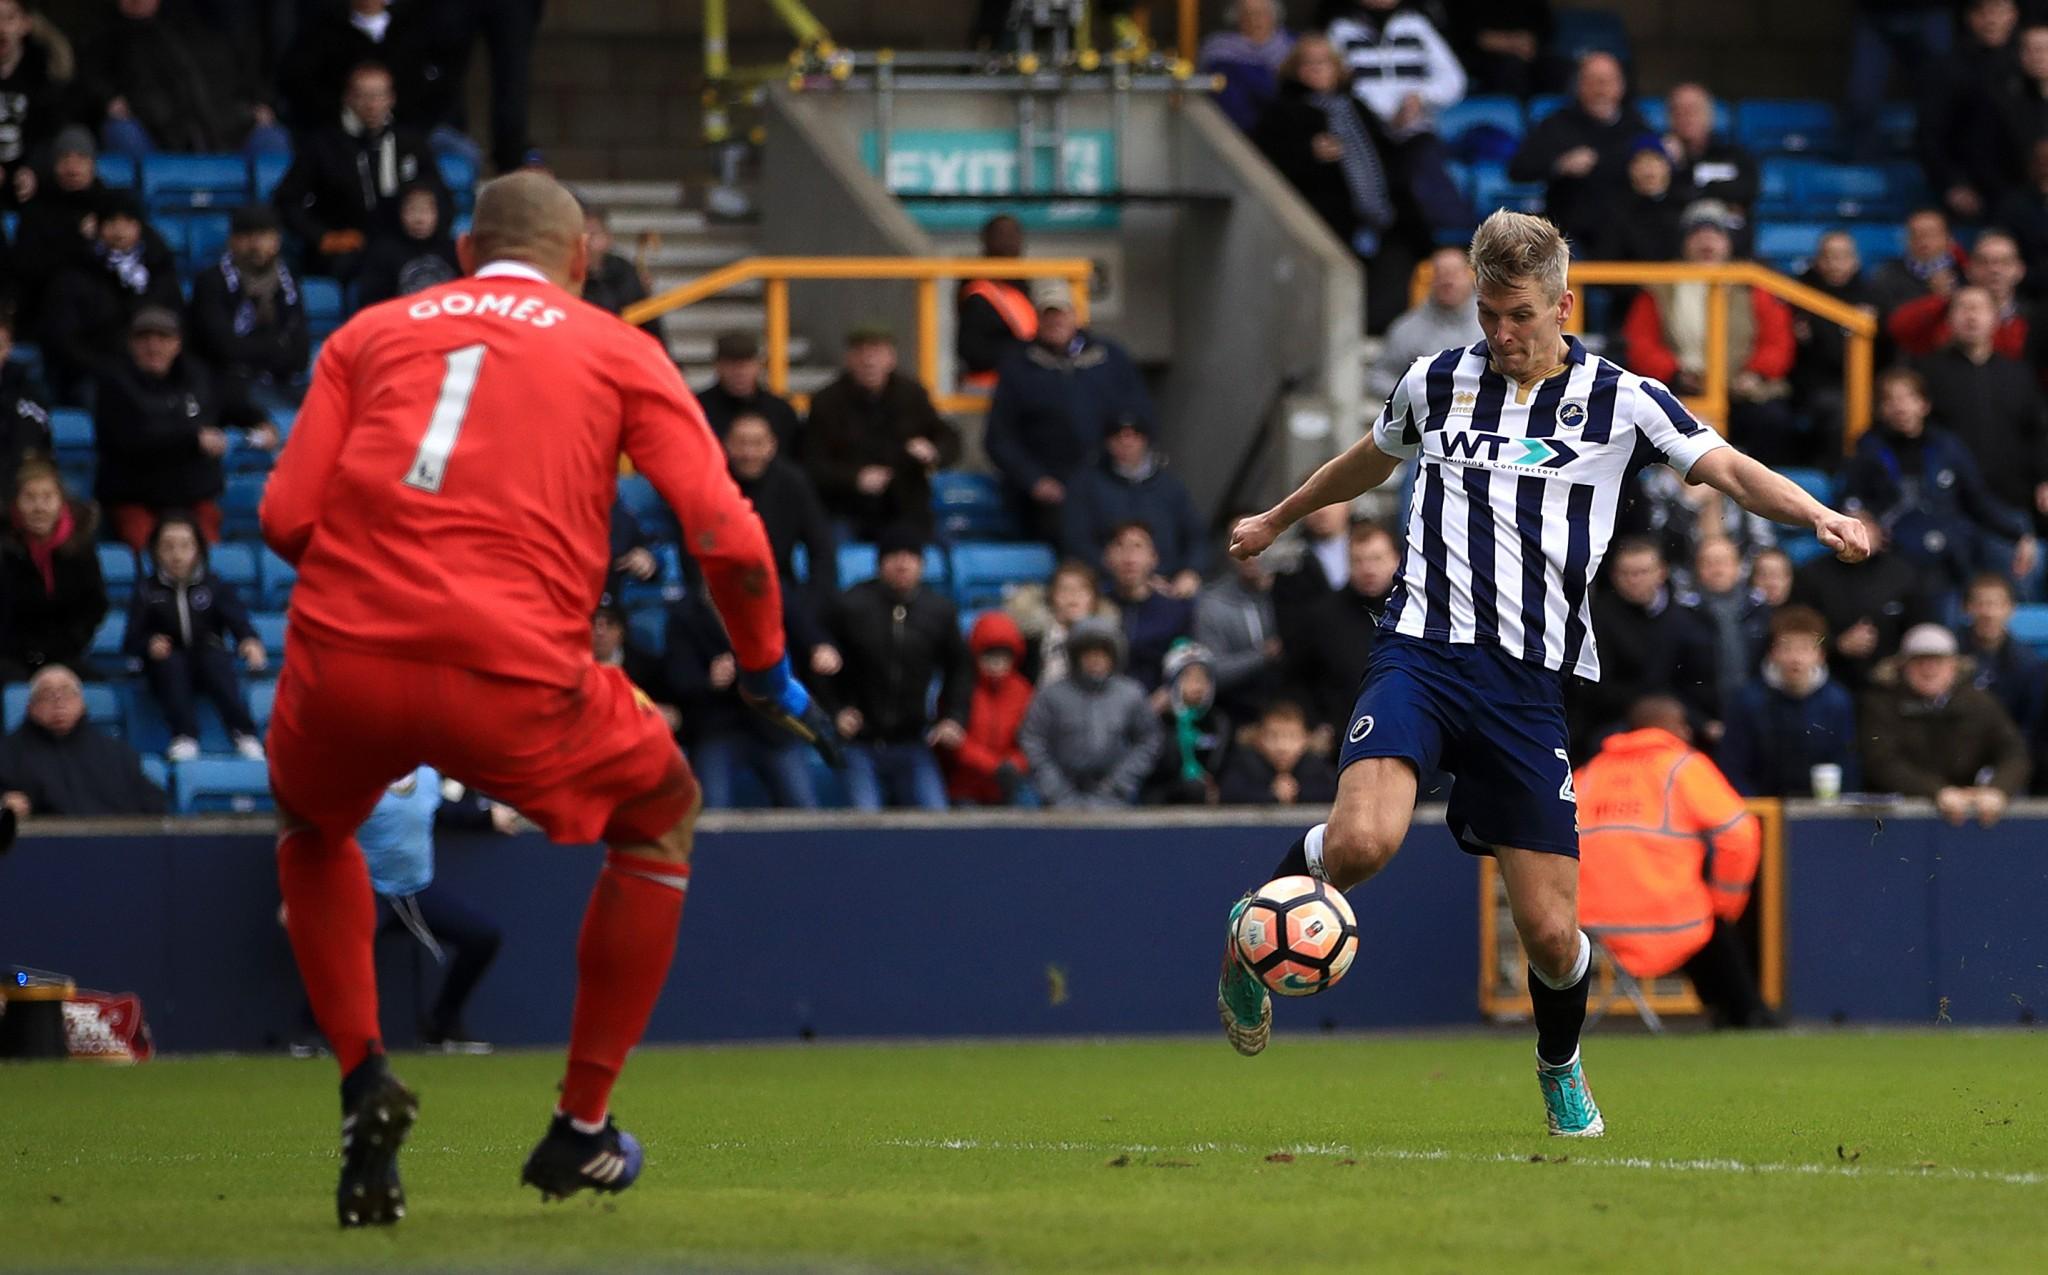 Steve Morison scores Millwall's winner against Watford in round 4